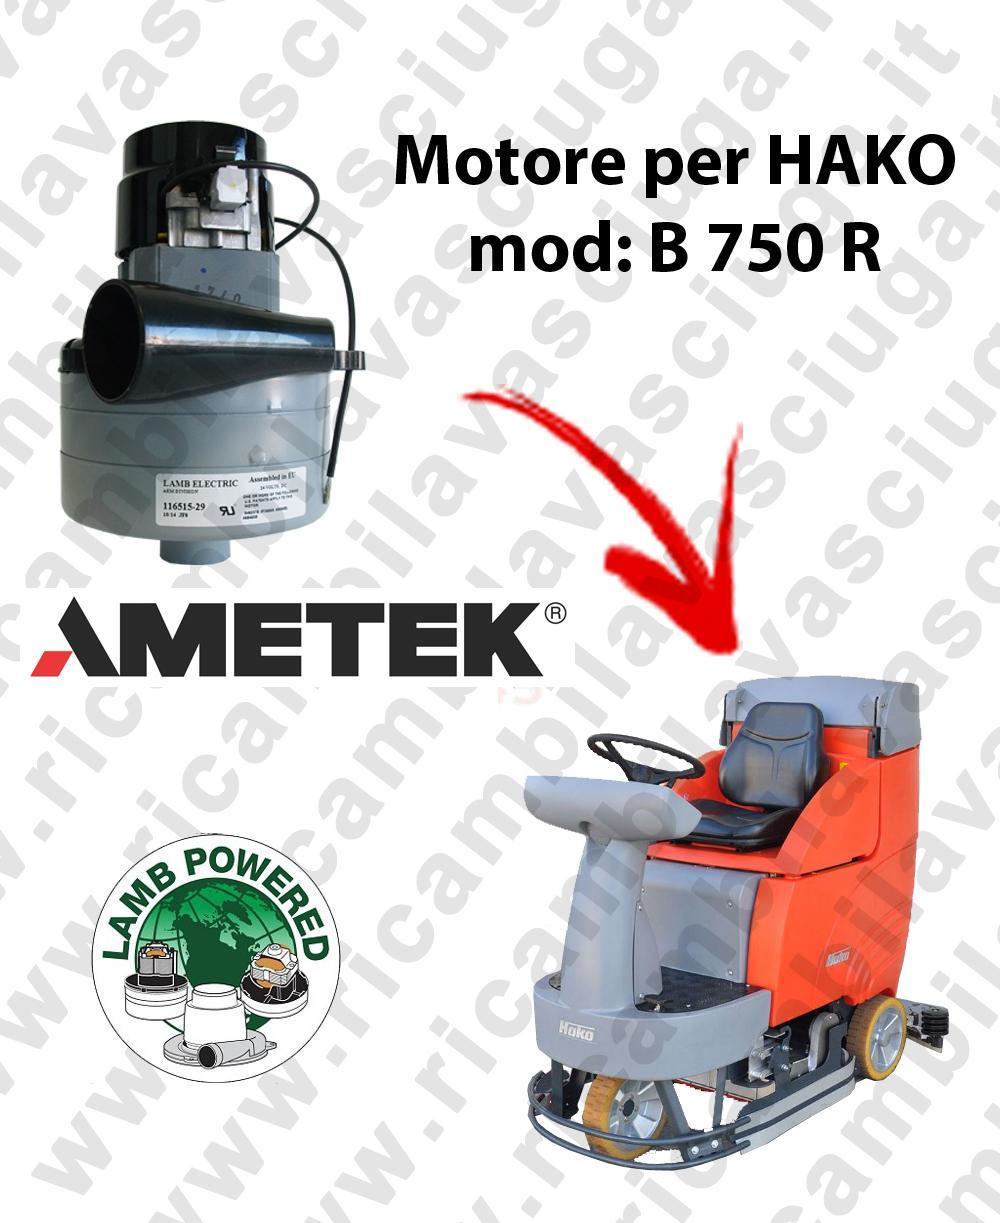 B 750 R Saugmotor LAMB AMETEK für scheuersaugmaschinen HAKO